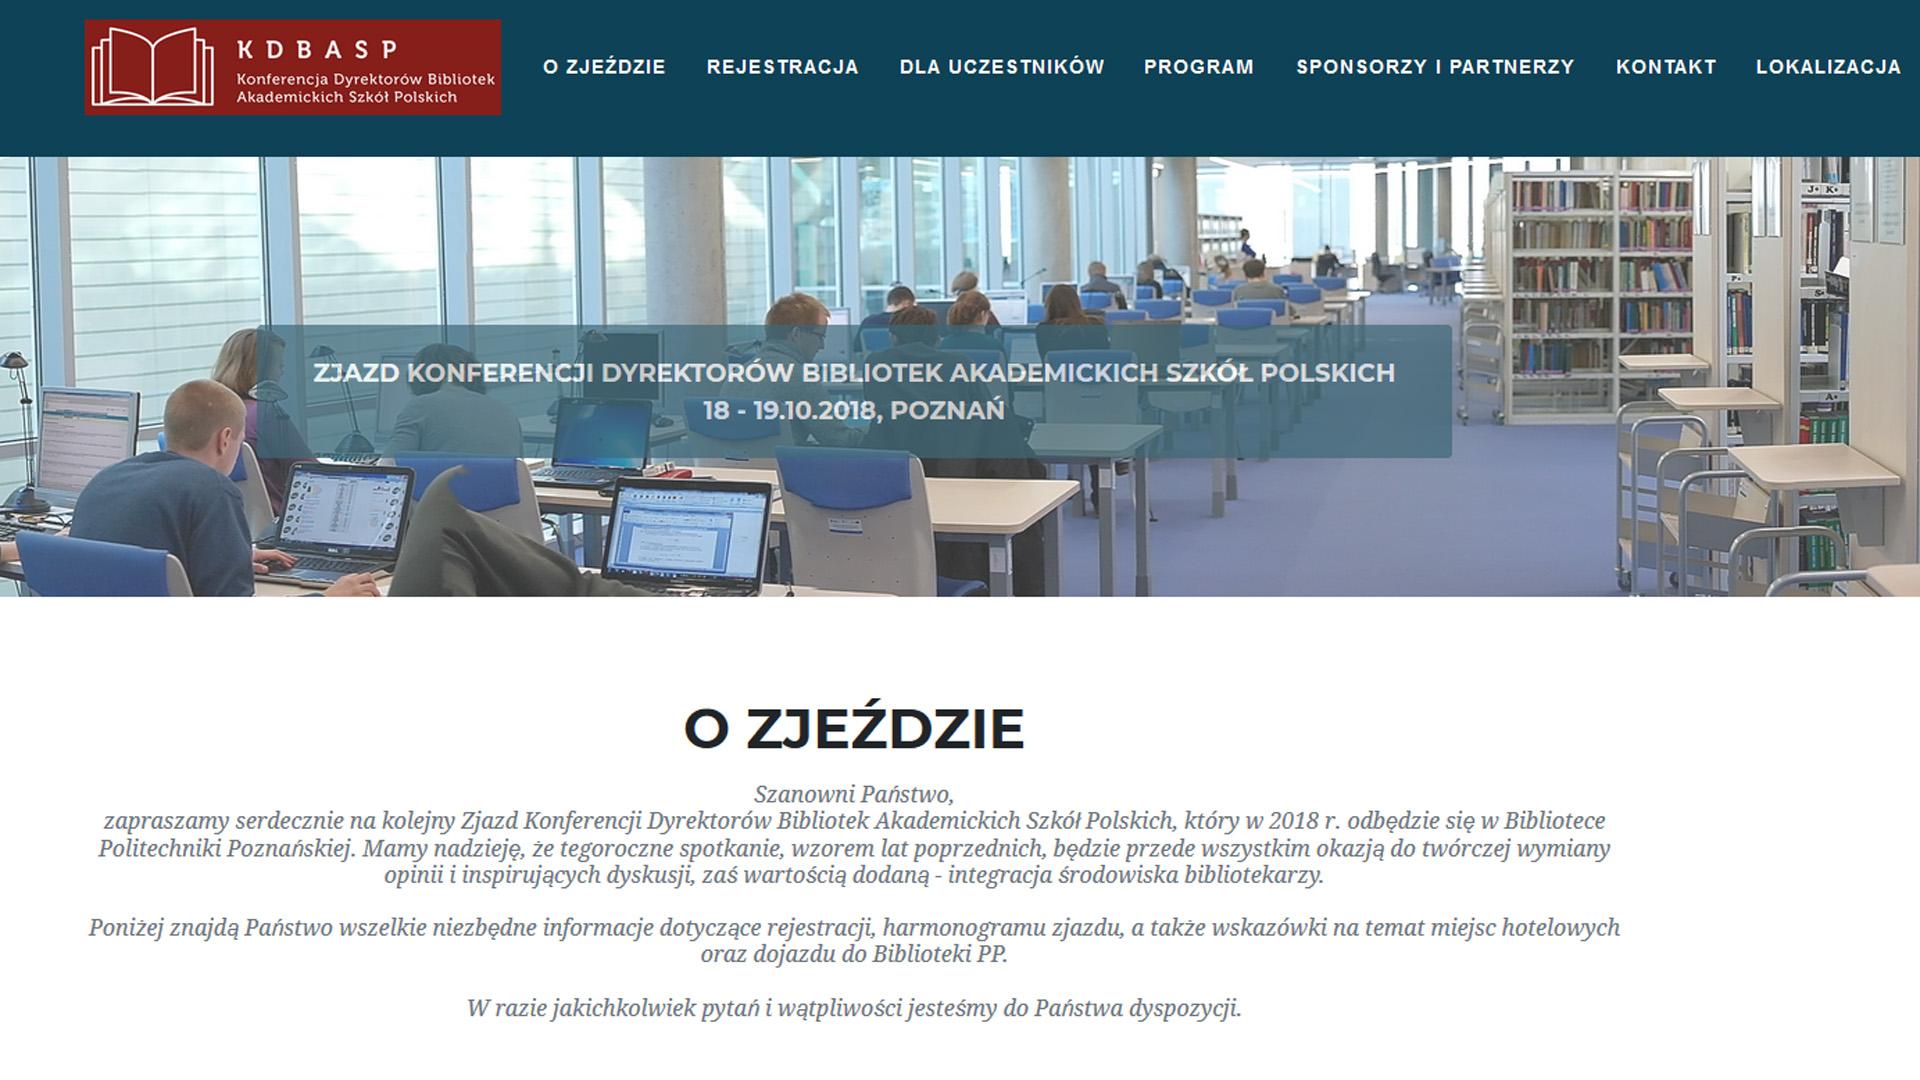 Stoisko PCSS na Zjeździe Konferencji Dyrektorów Bibliotek Akademickich Szkół Polskich